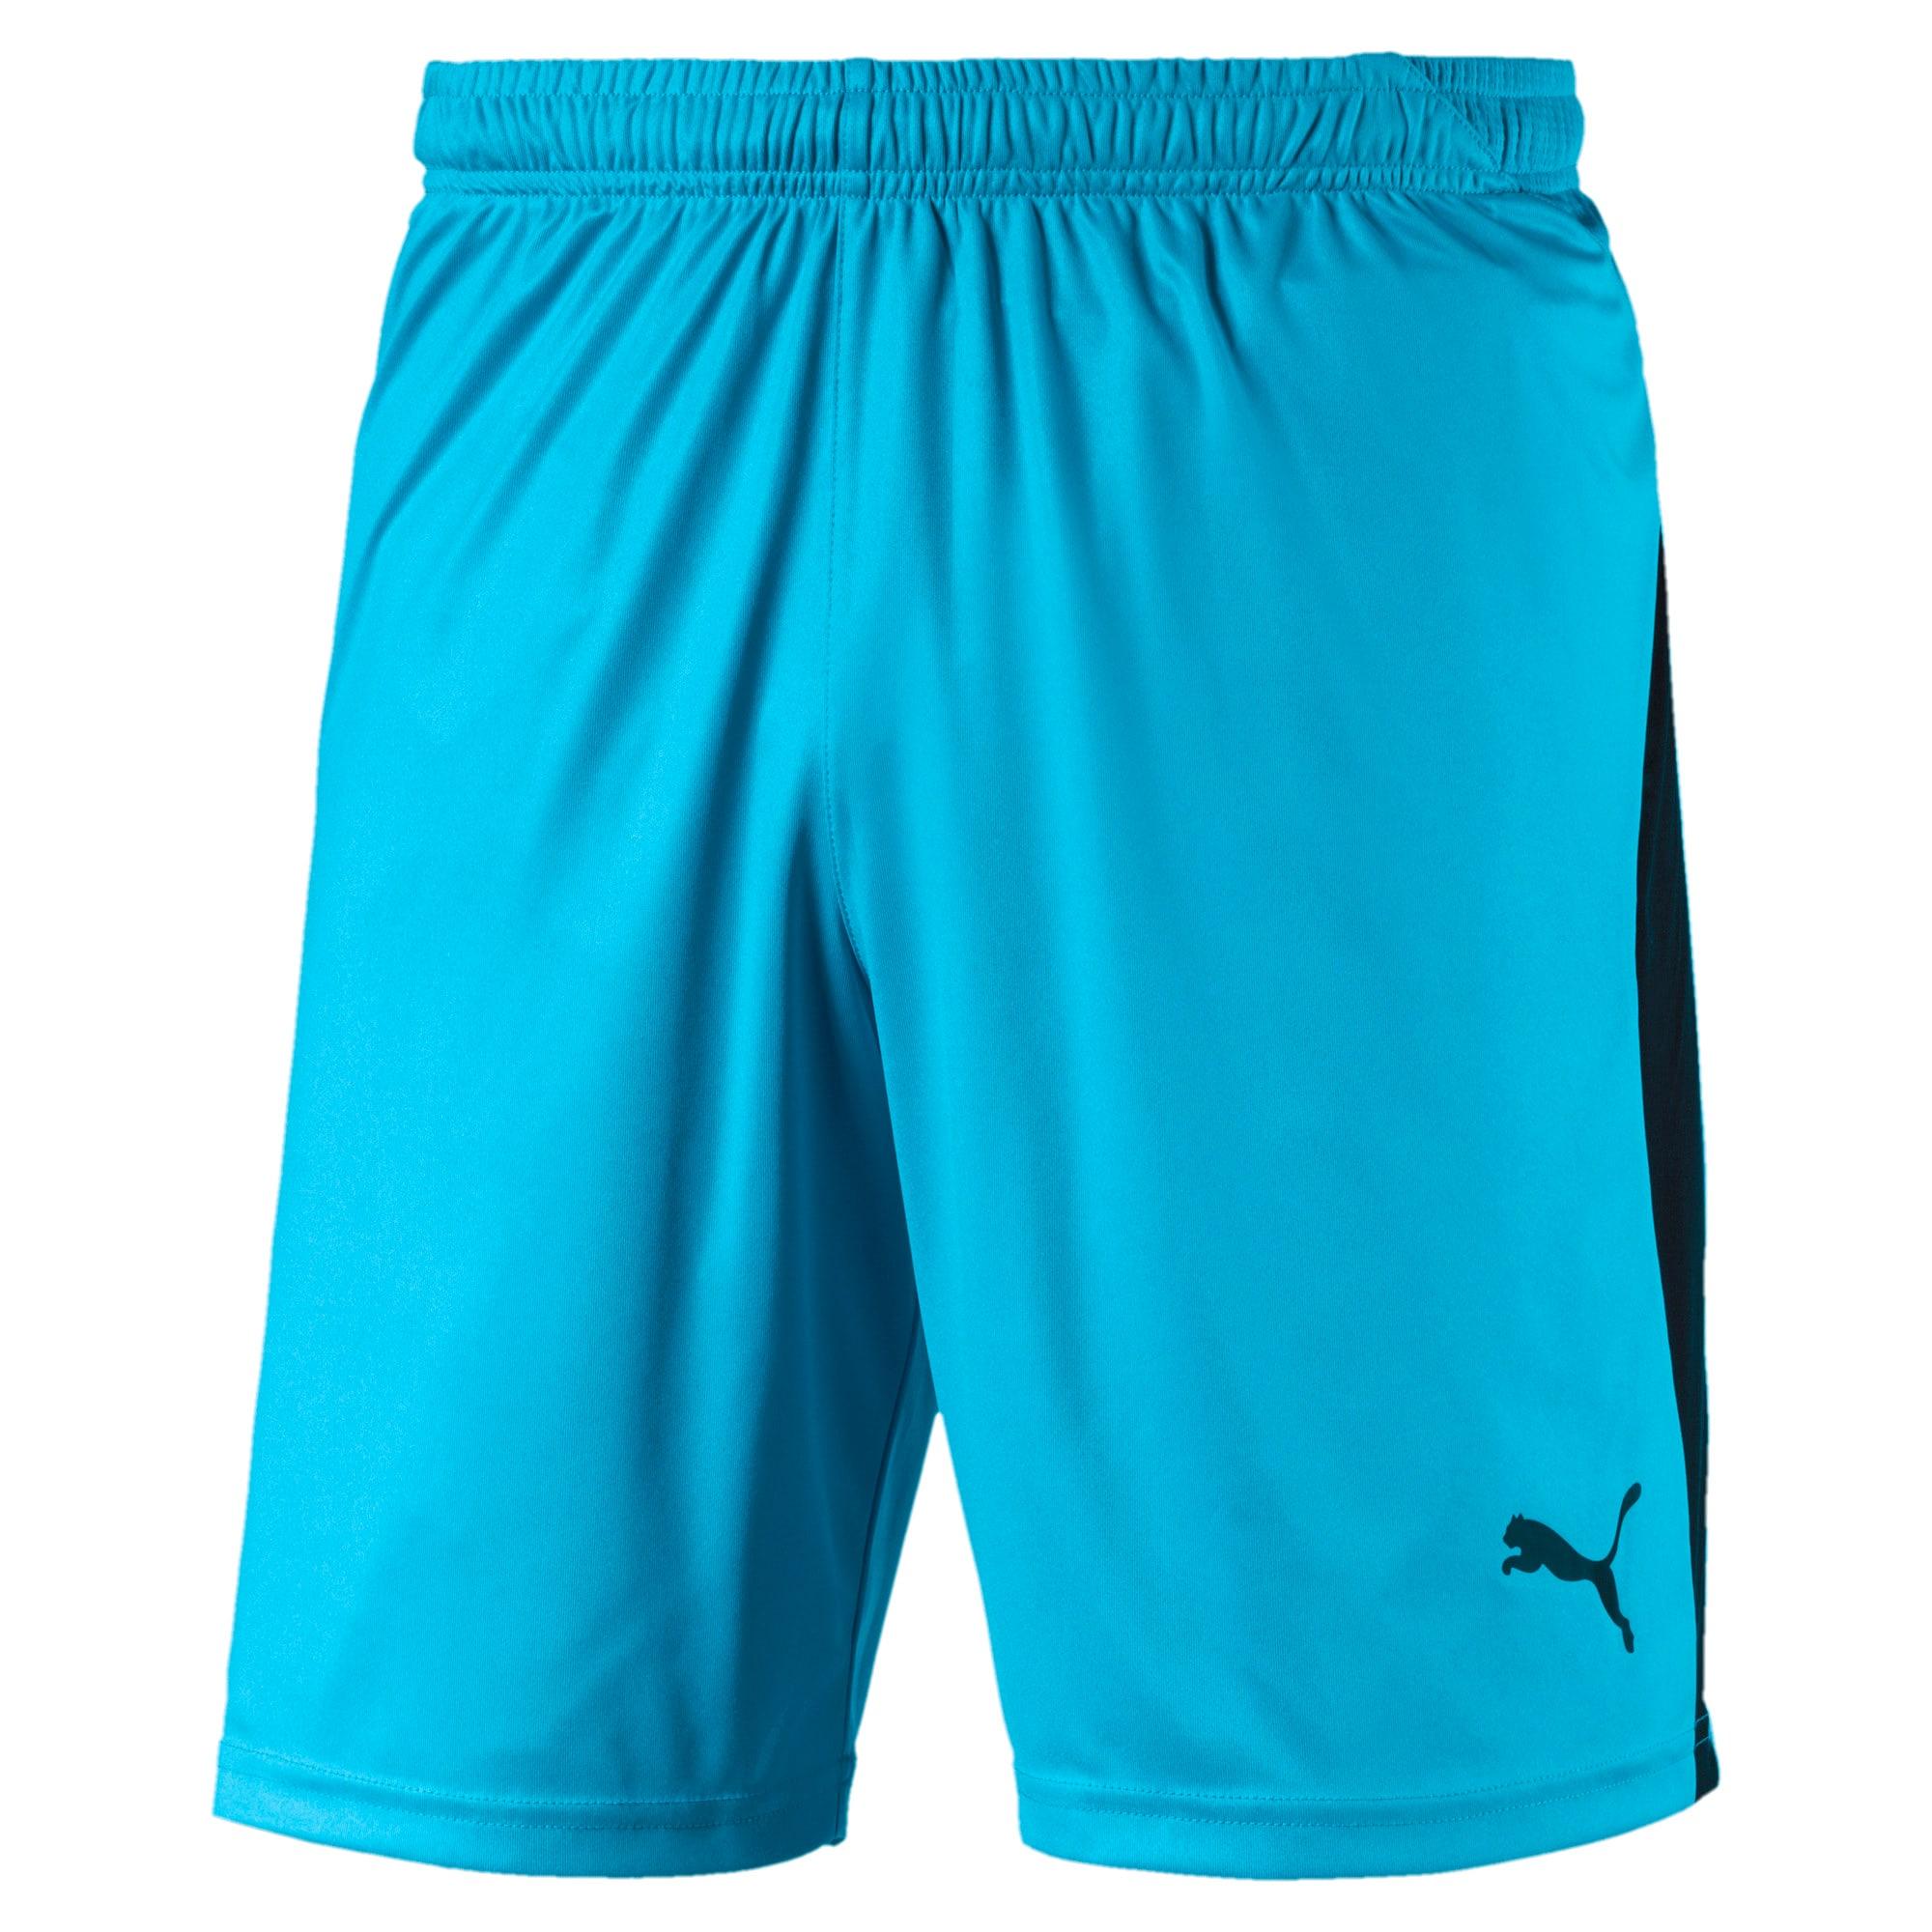 7034c557 Liga Men's Shorts